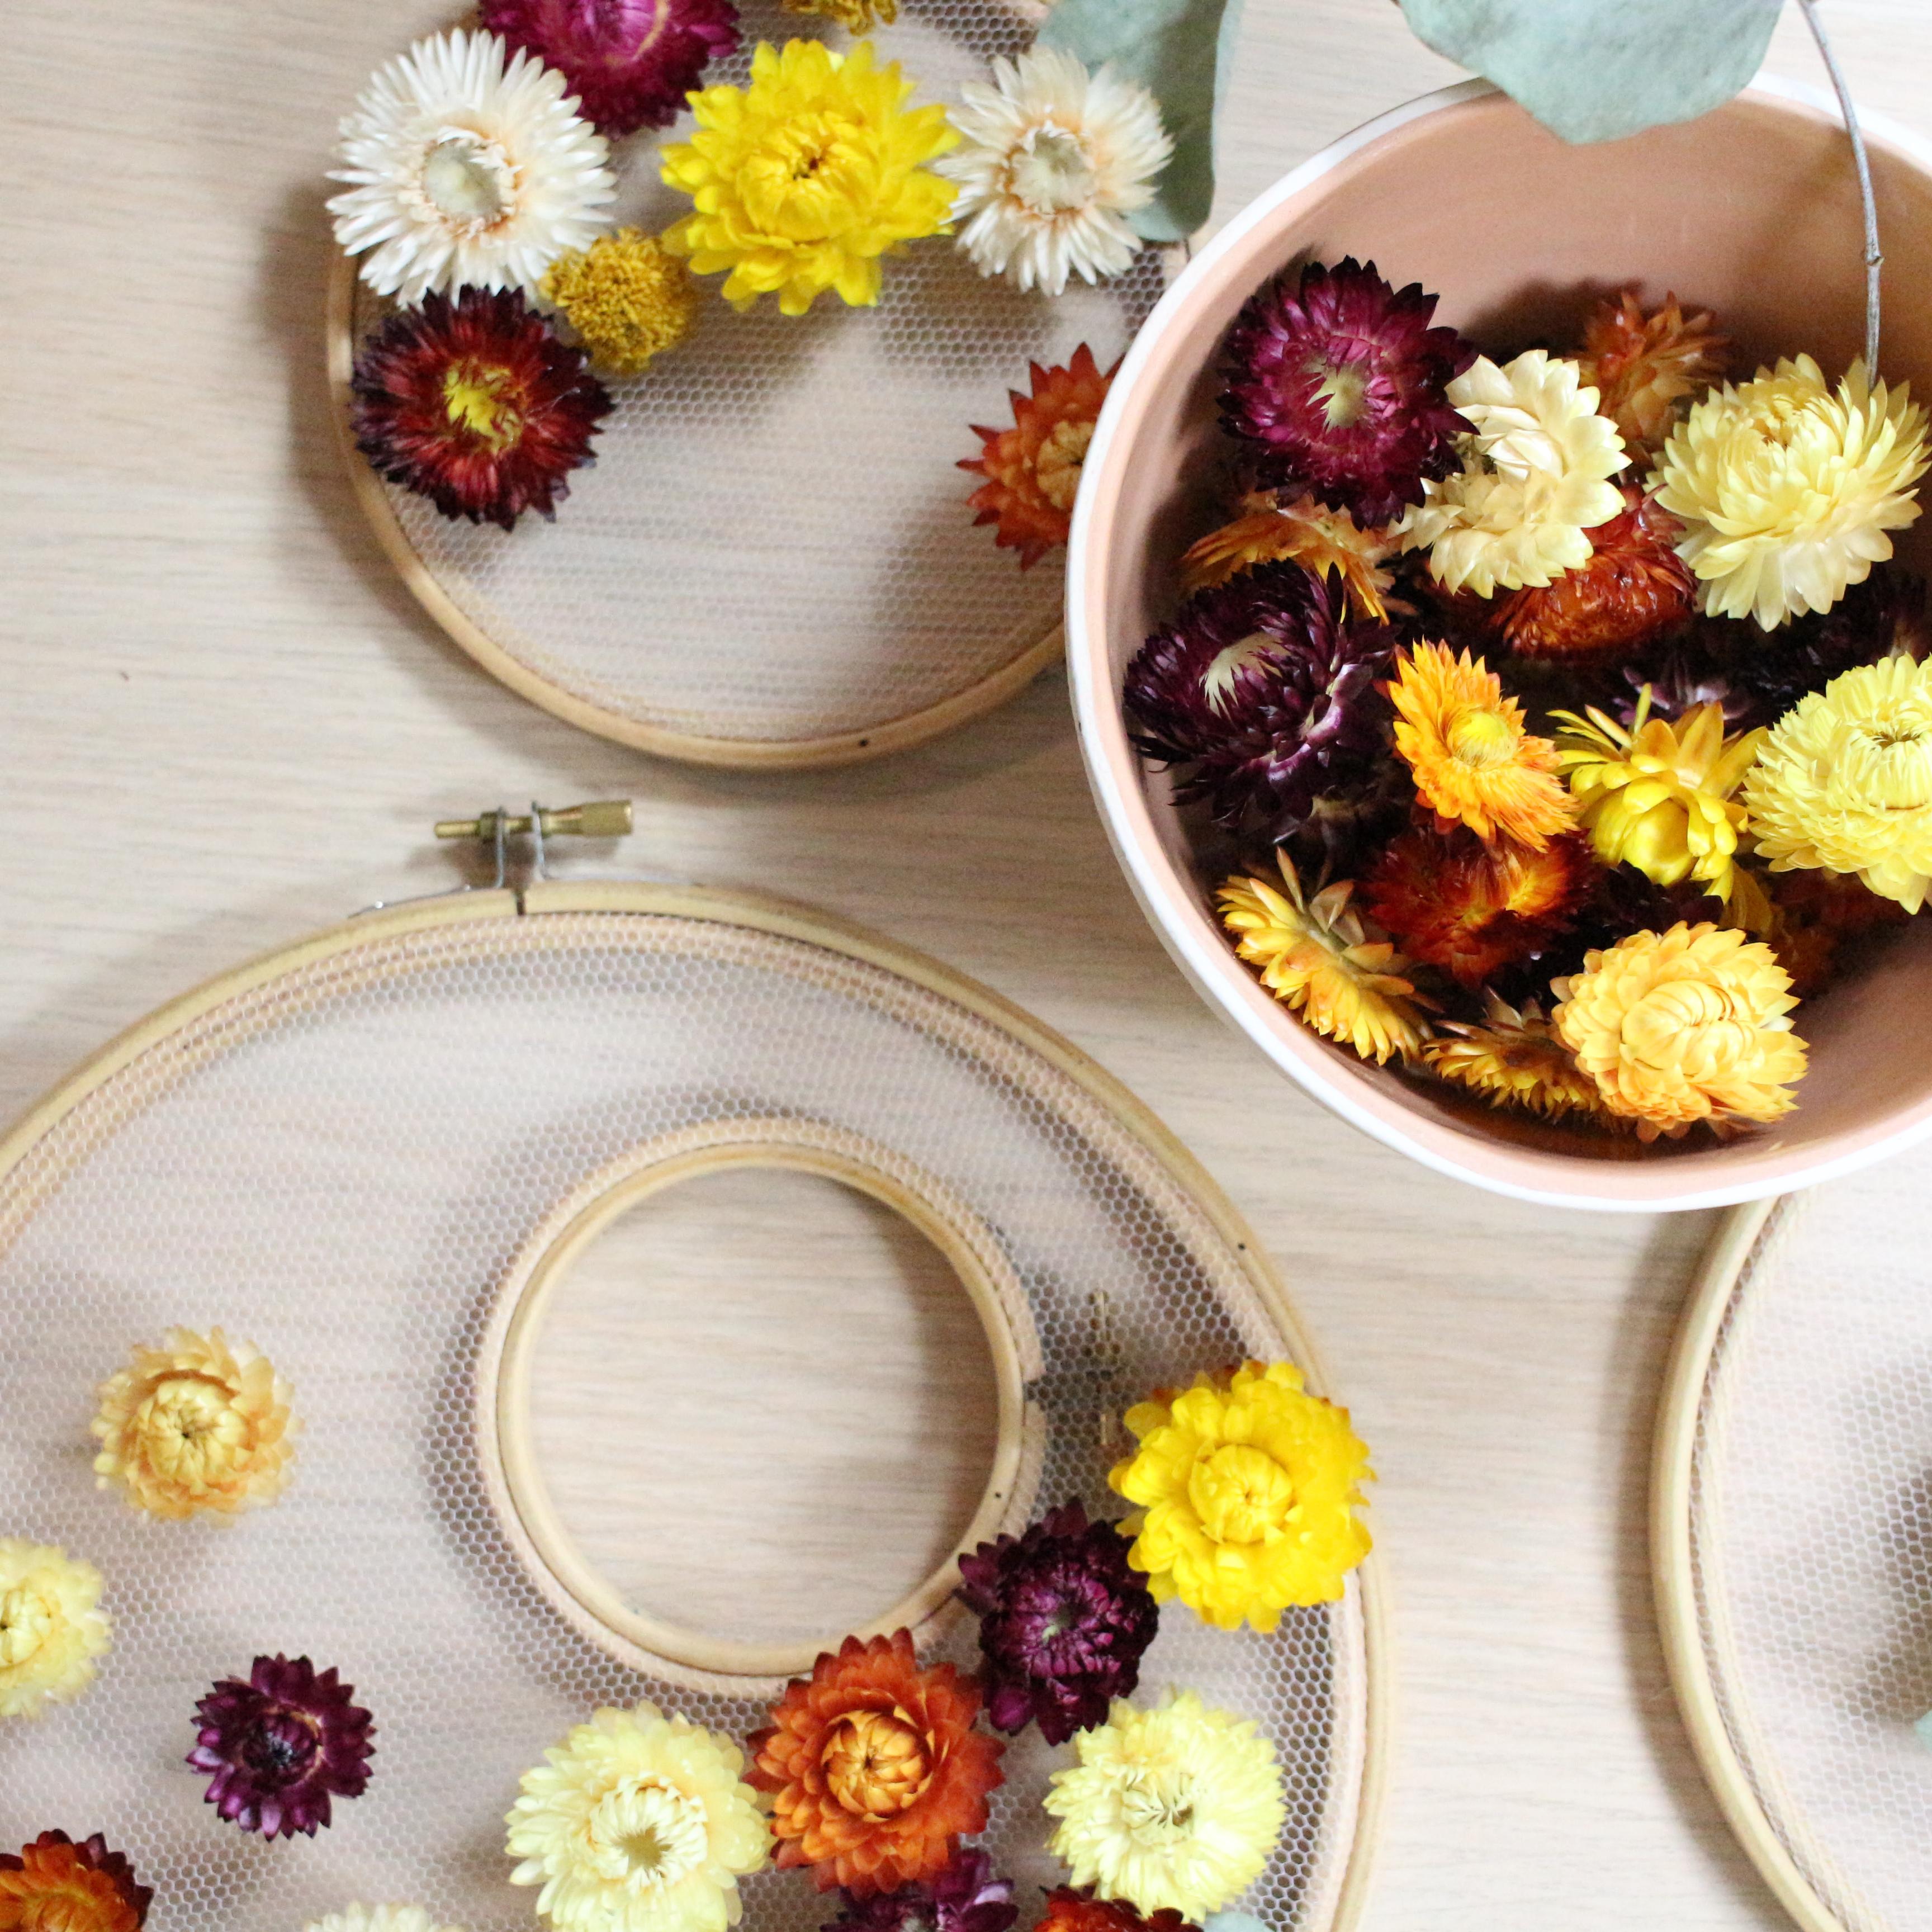 Comment Conserver Des Fleurs Séchées petites fleurs séchées orange diy   pause moderne